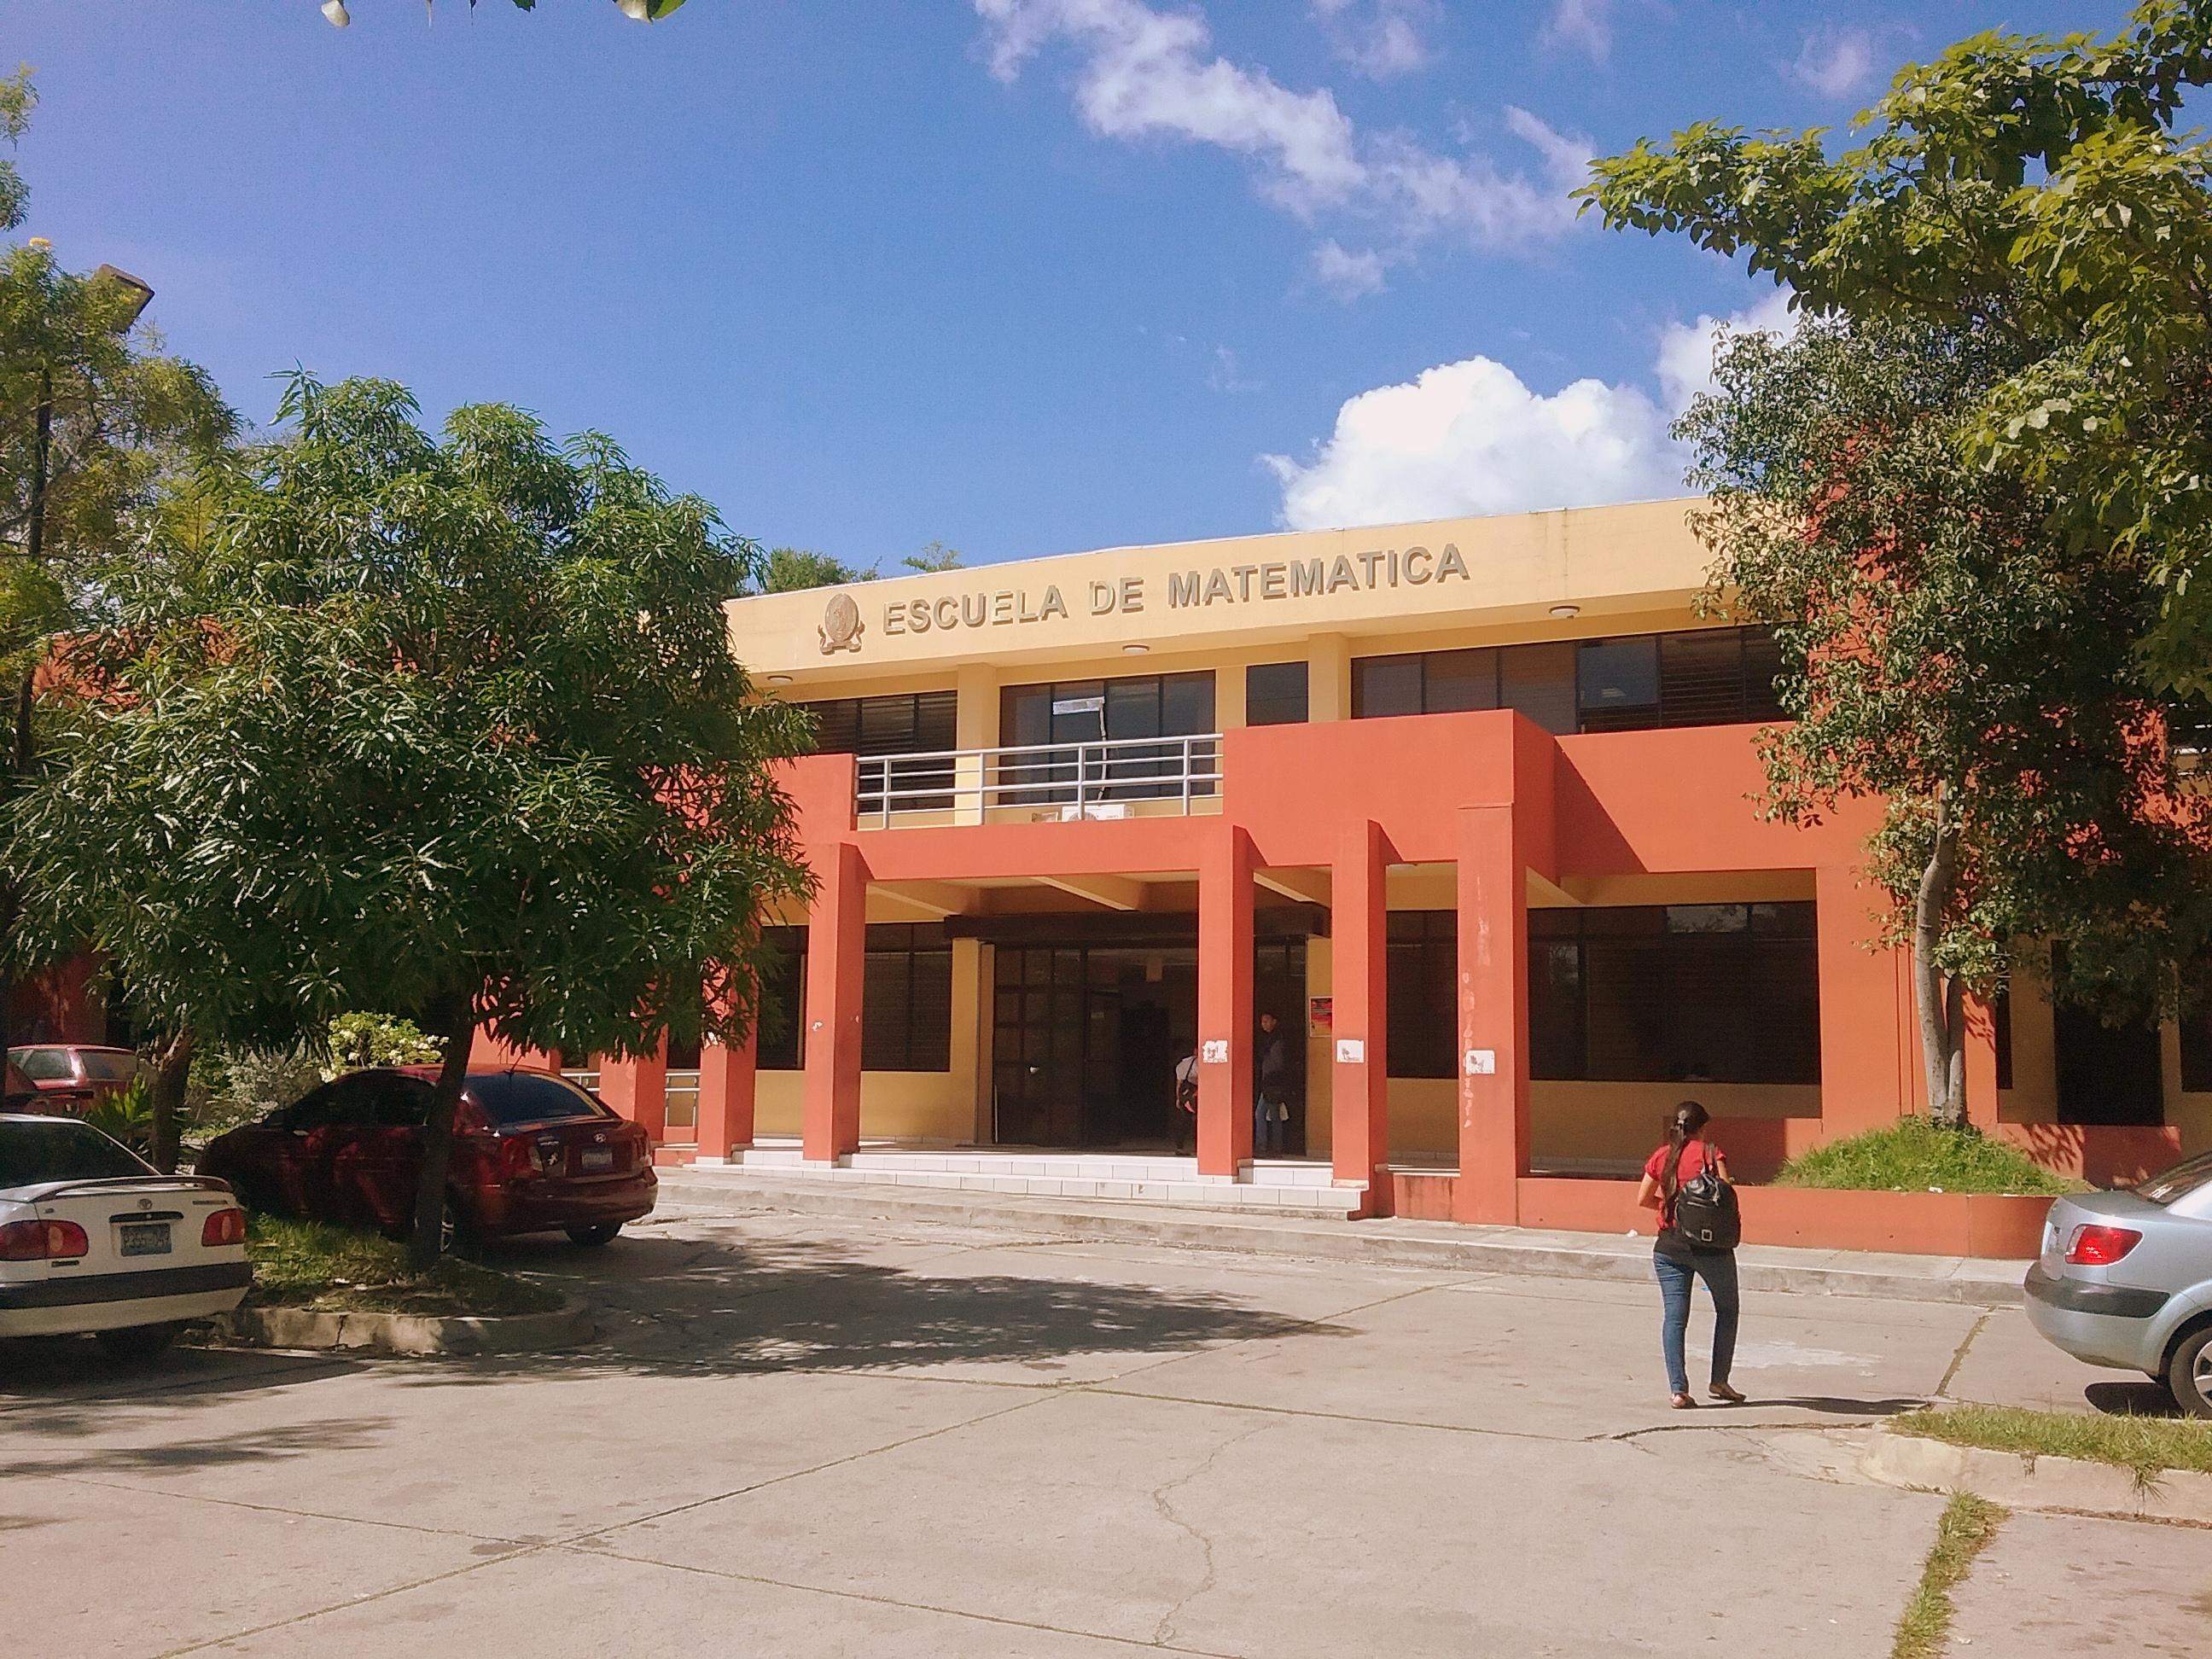 Facultad de Ciencias Naturales y Matemática de la Universidad de El Salvador  - Wikipedia, la enciclopedia libre